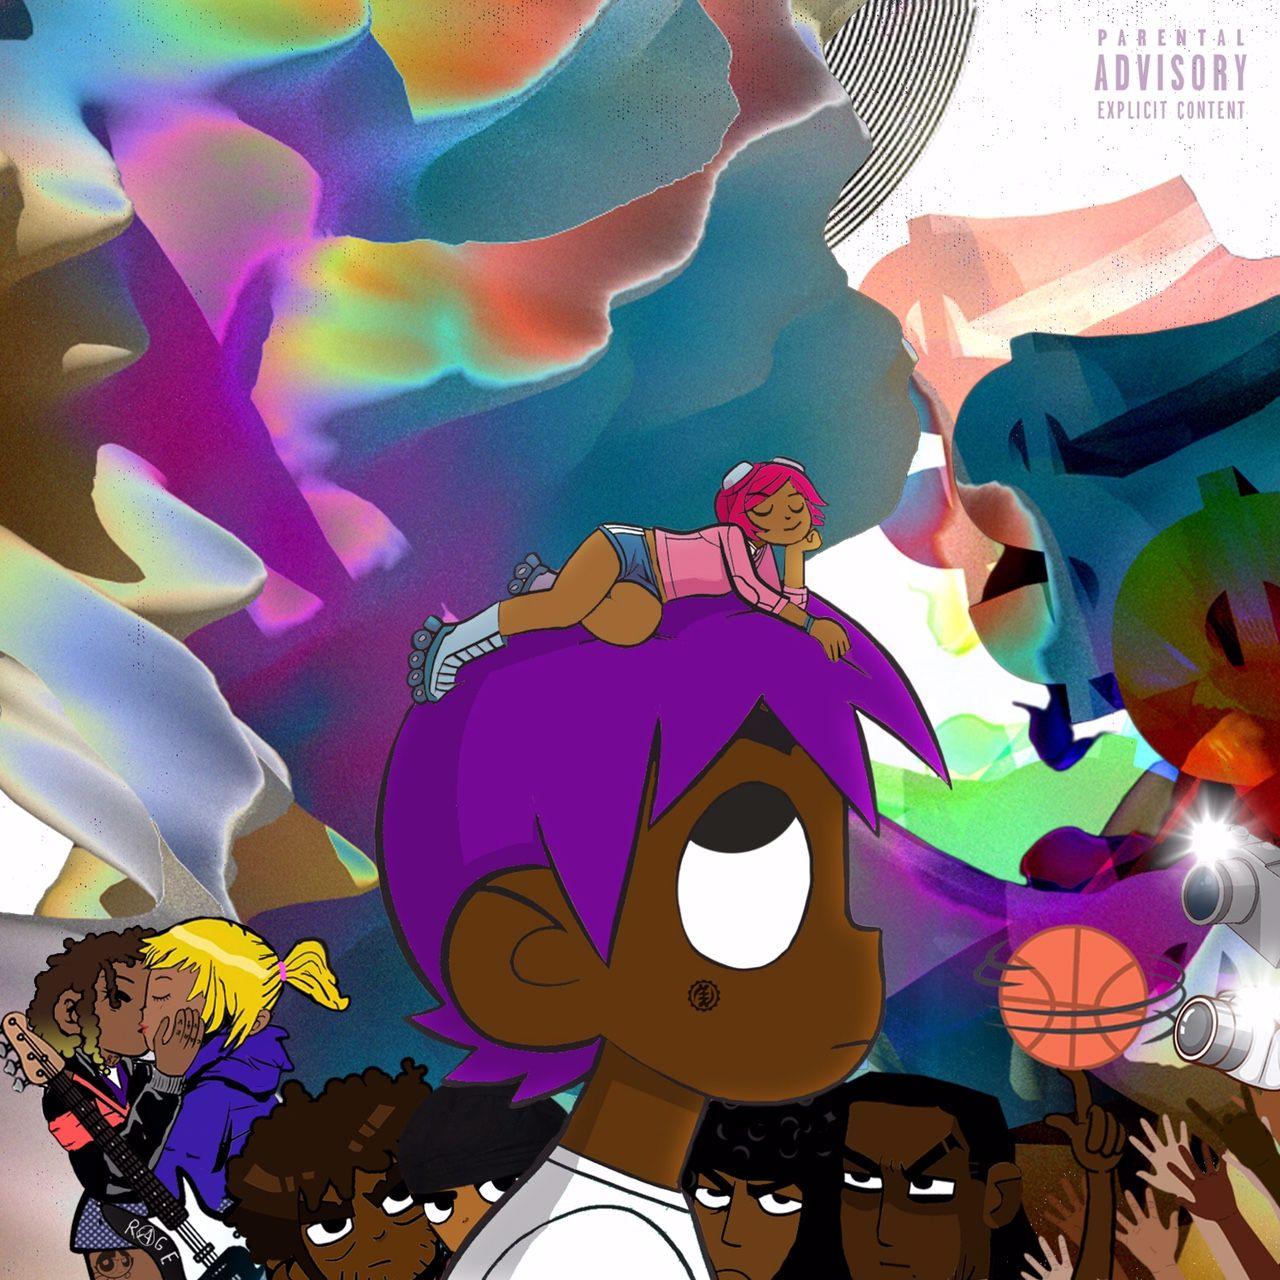 lil-uzi-vert-lil-uzi-vert-vs-the-world-mixtape